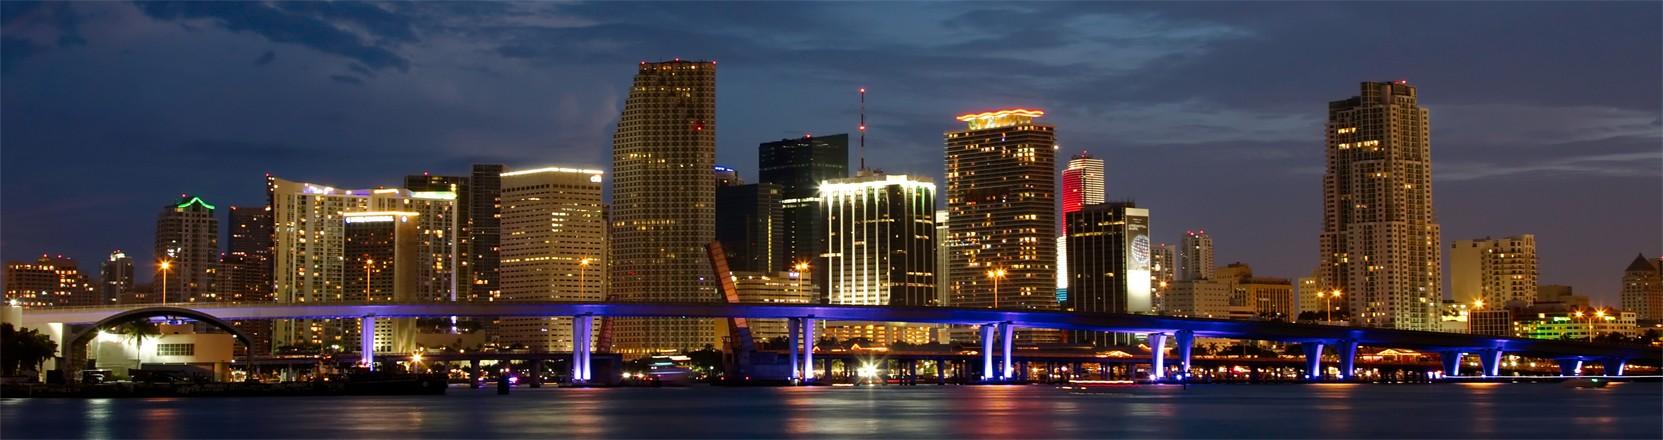 Bienvenido a Negocios Miami Florida, Vamos Ayudarle a Comprar Este Negocio!